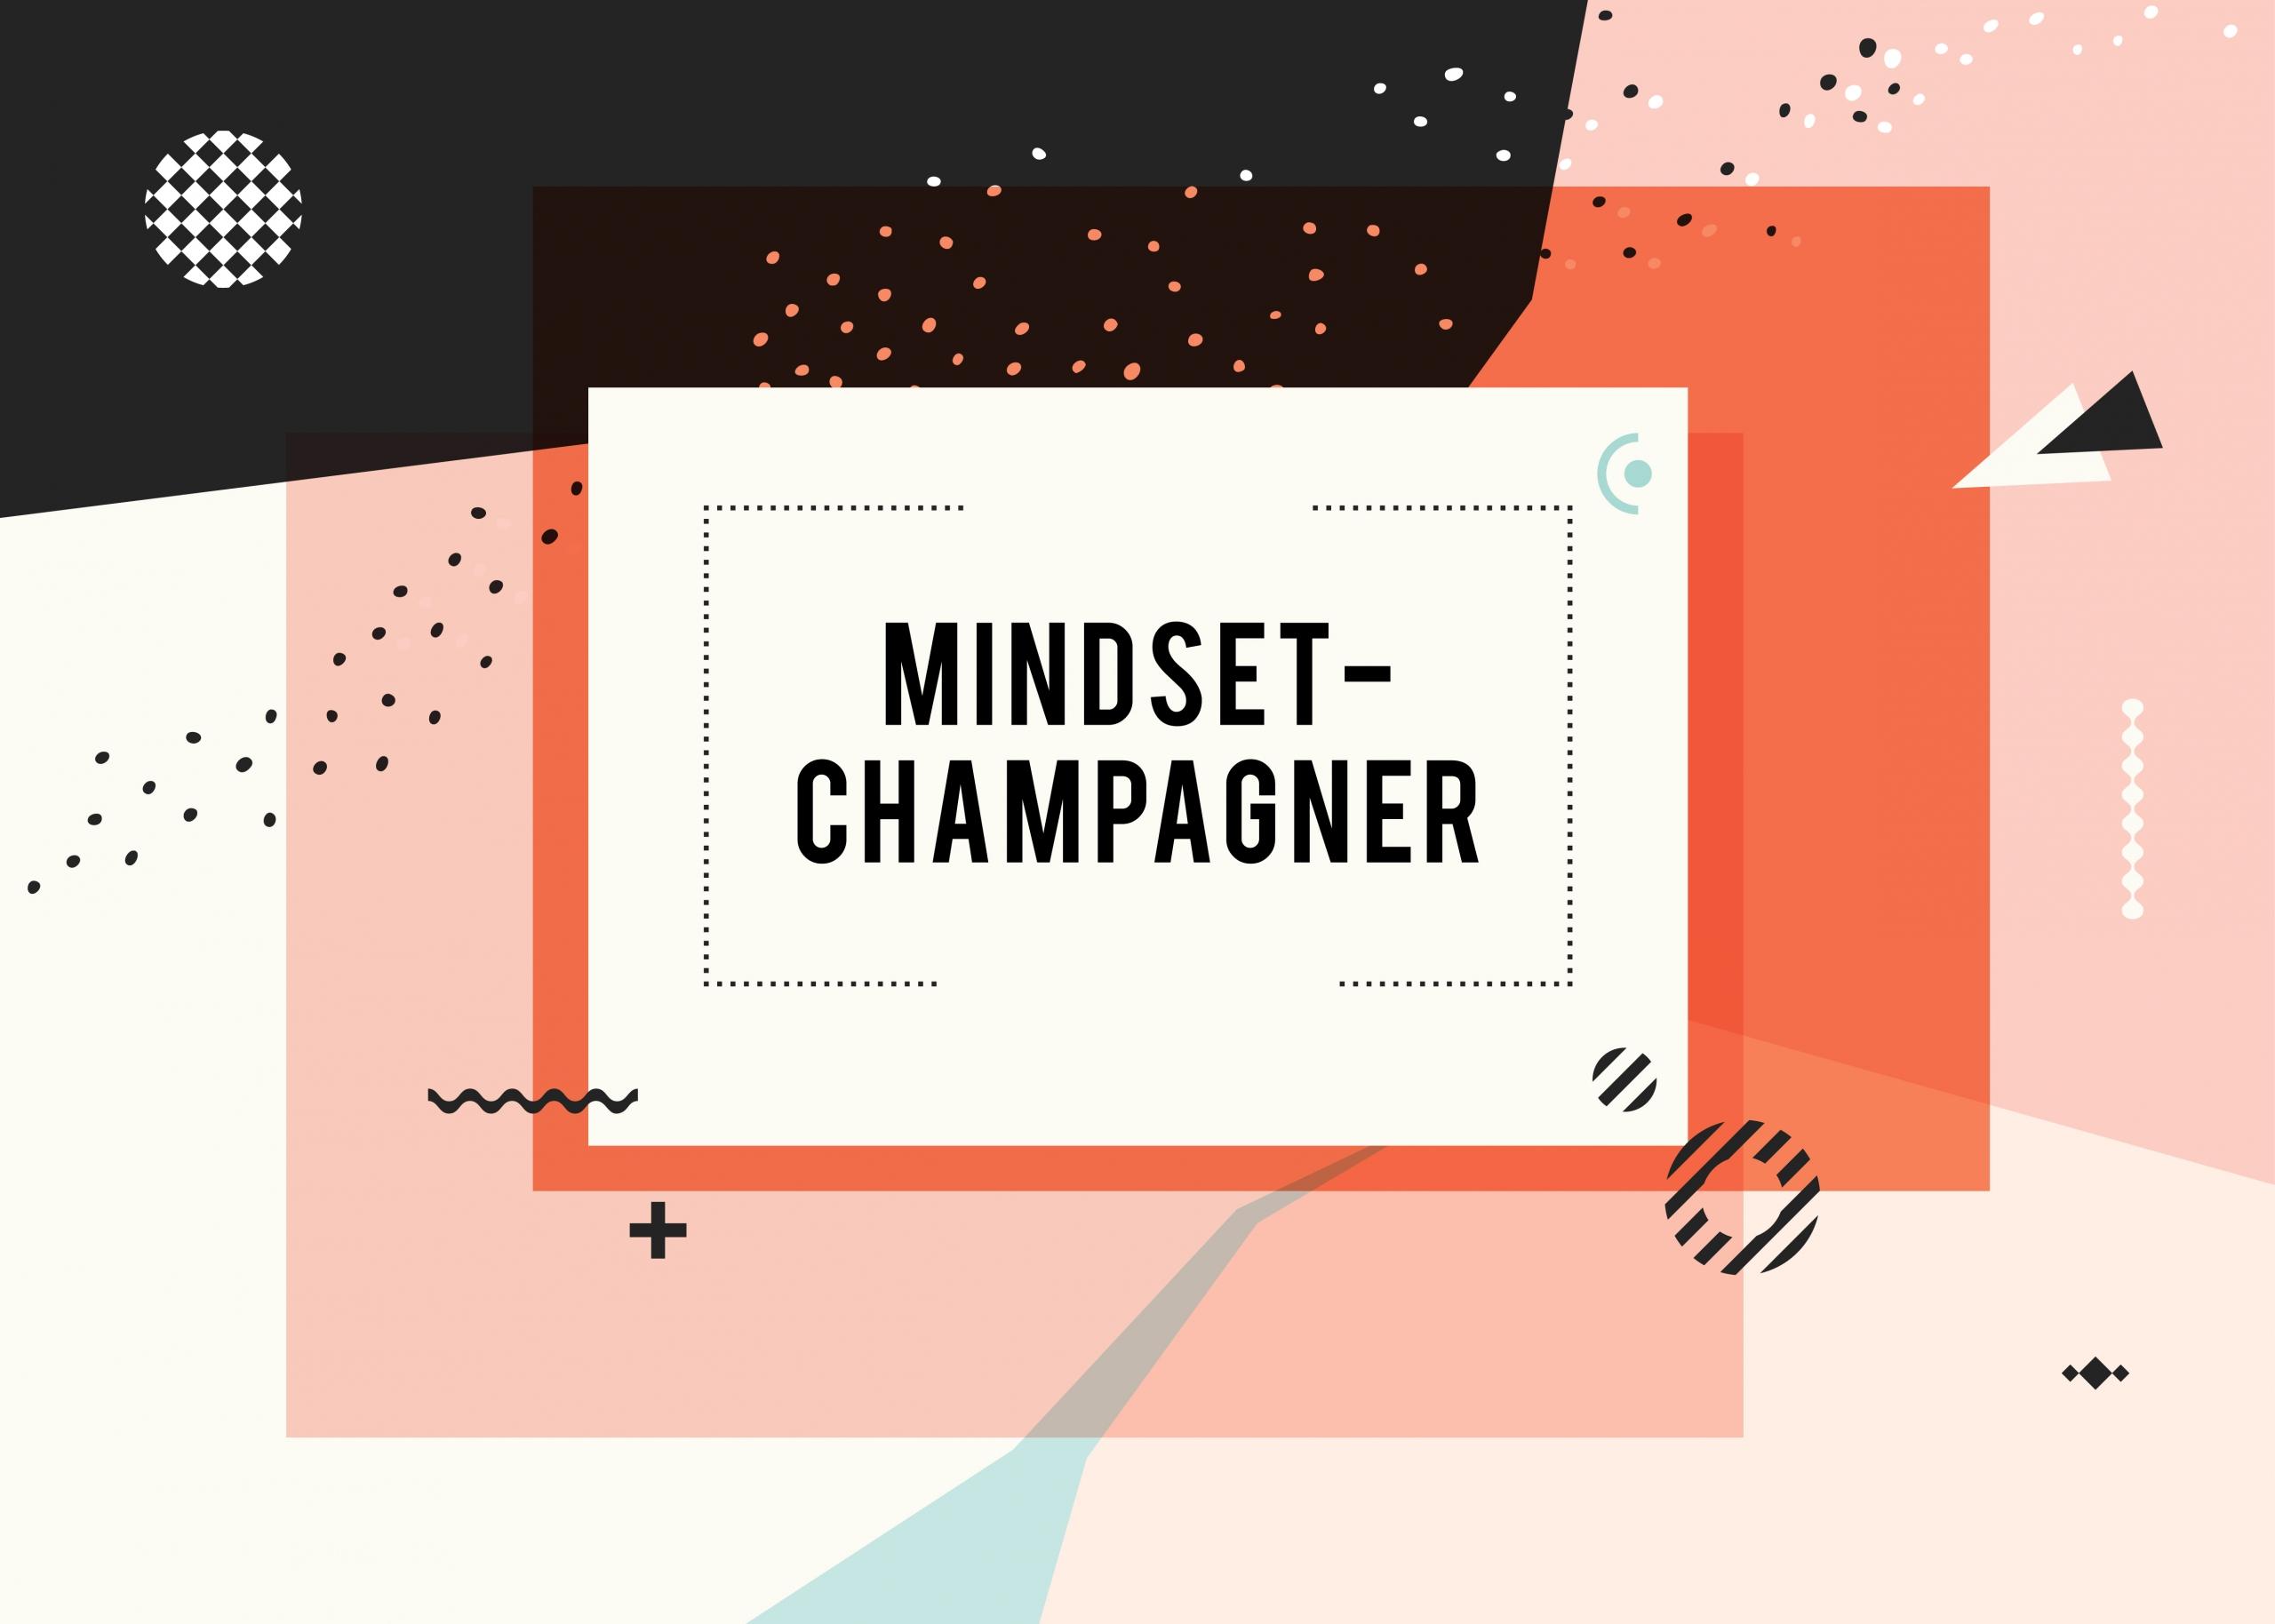 Mindset Champagner